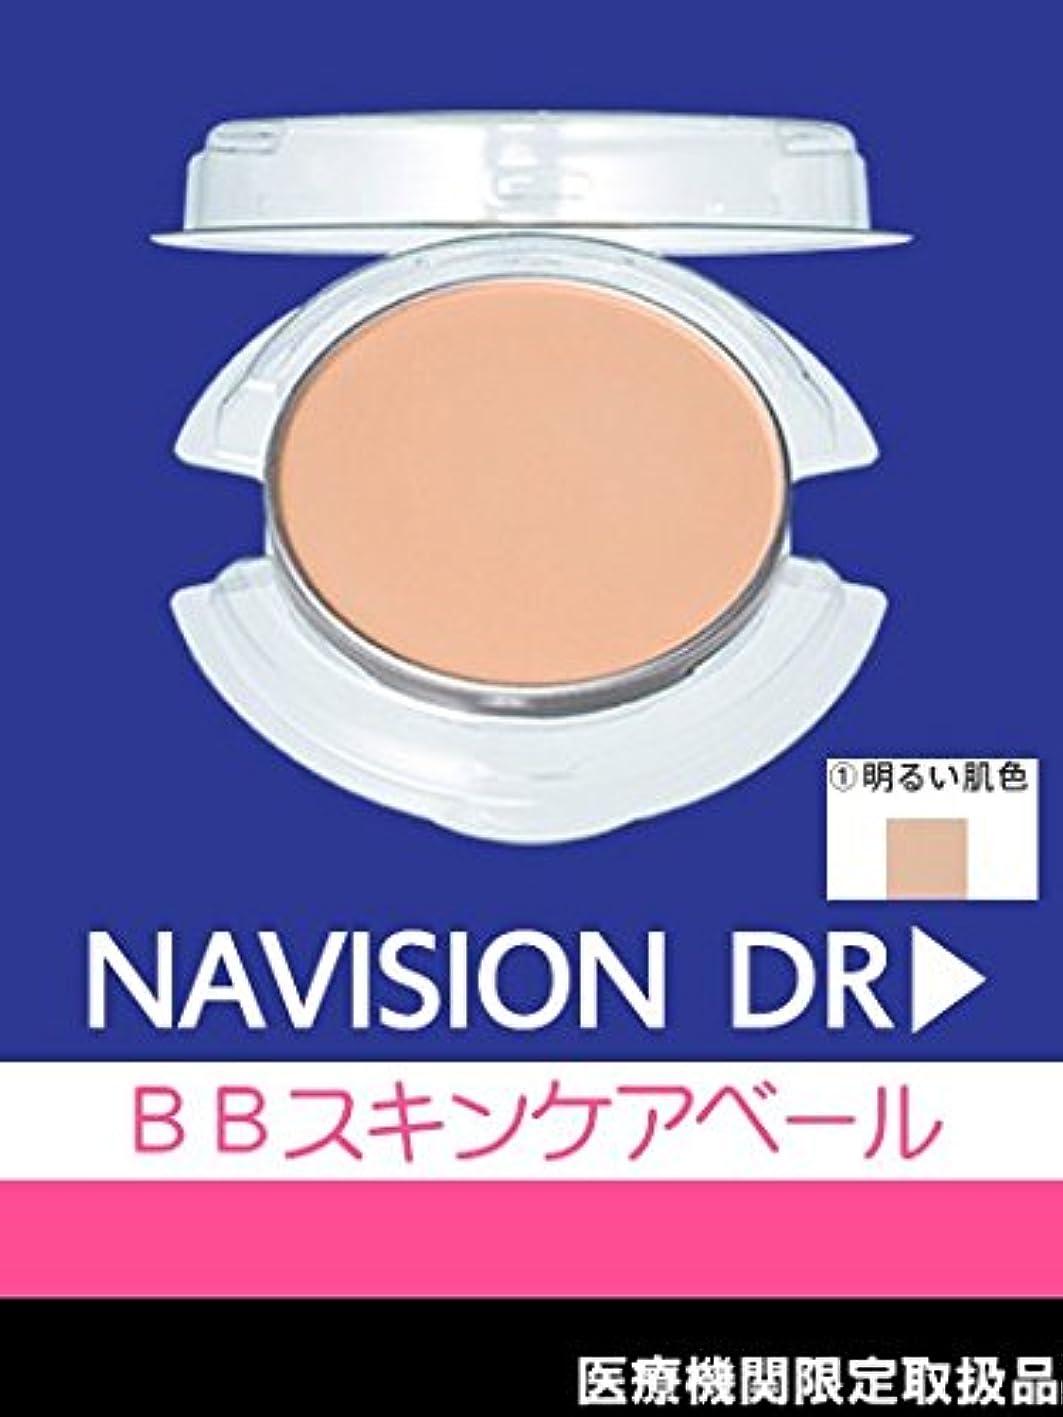 目を覚ます探す月曜日NAVISION DR? ナビジョンDR BBスキンケアベール ①明るい肌色(レフィルのみ)9.5g【医療機関限定取扱品】